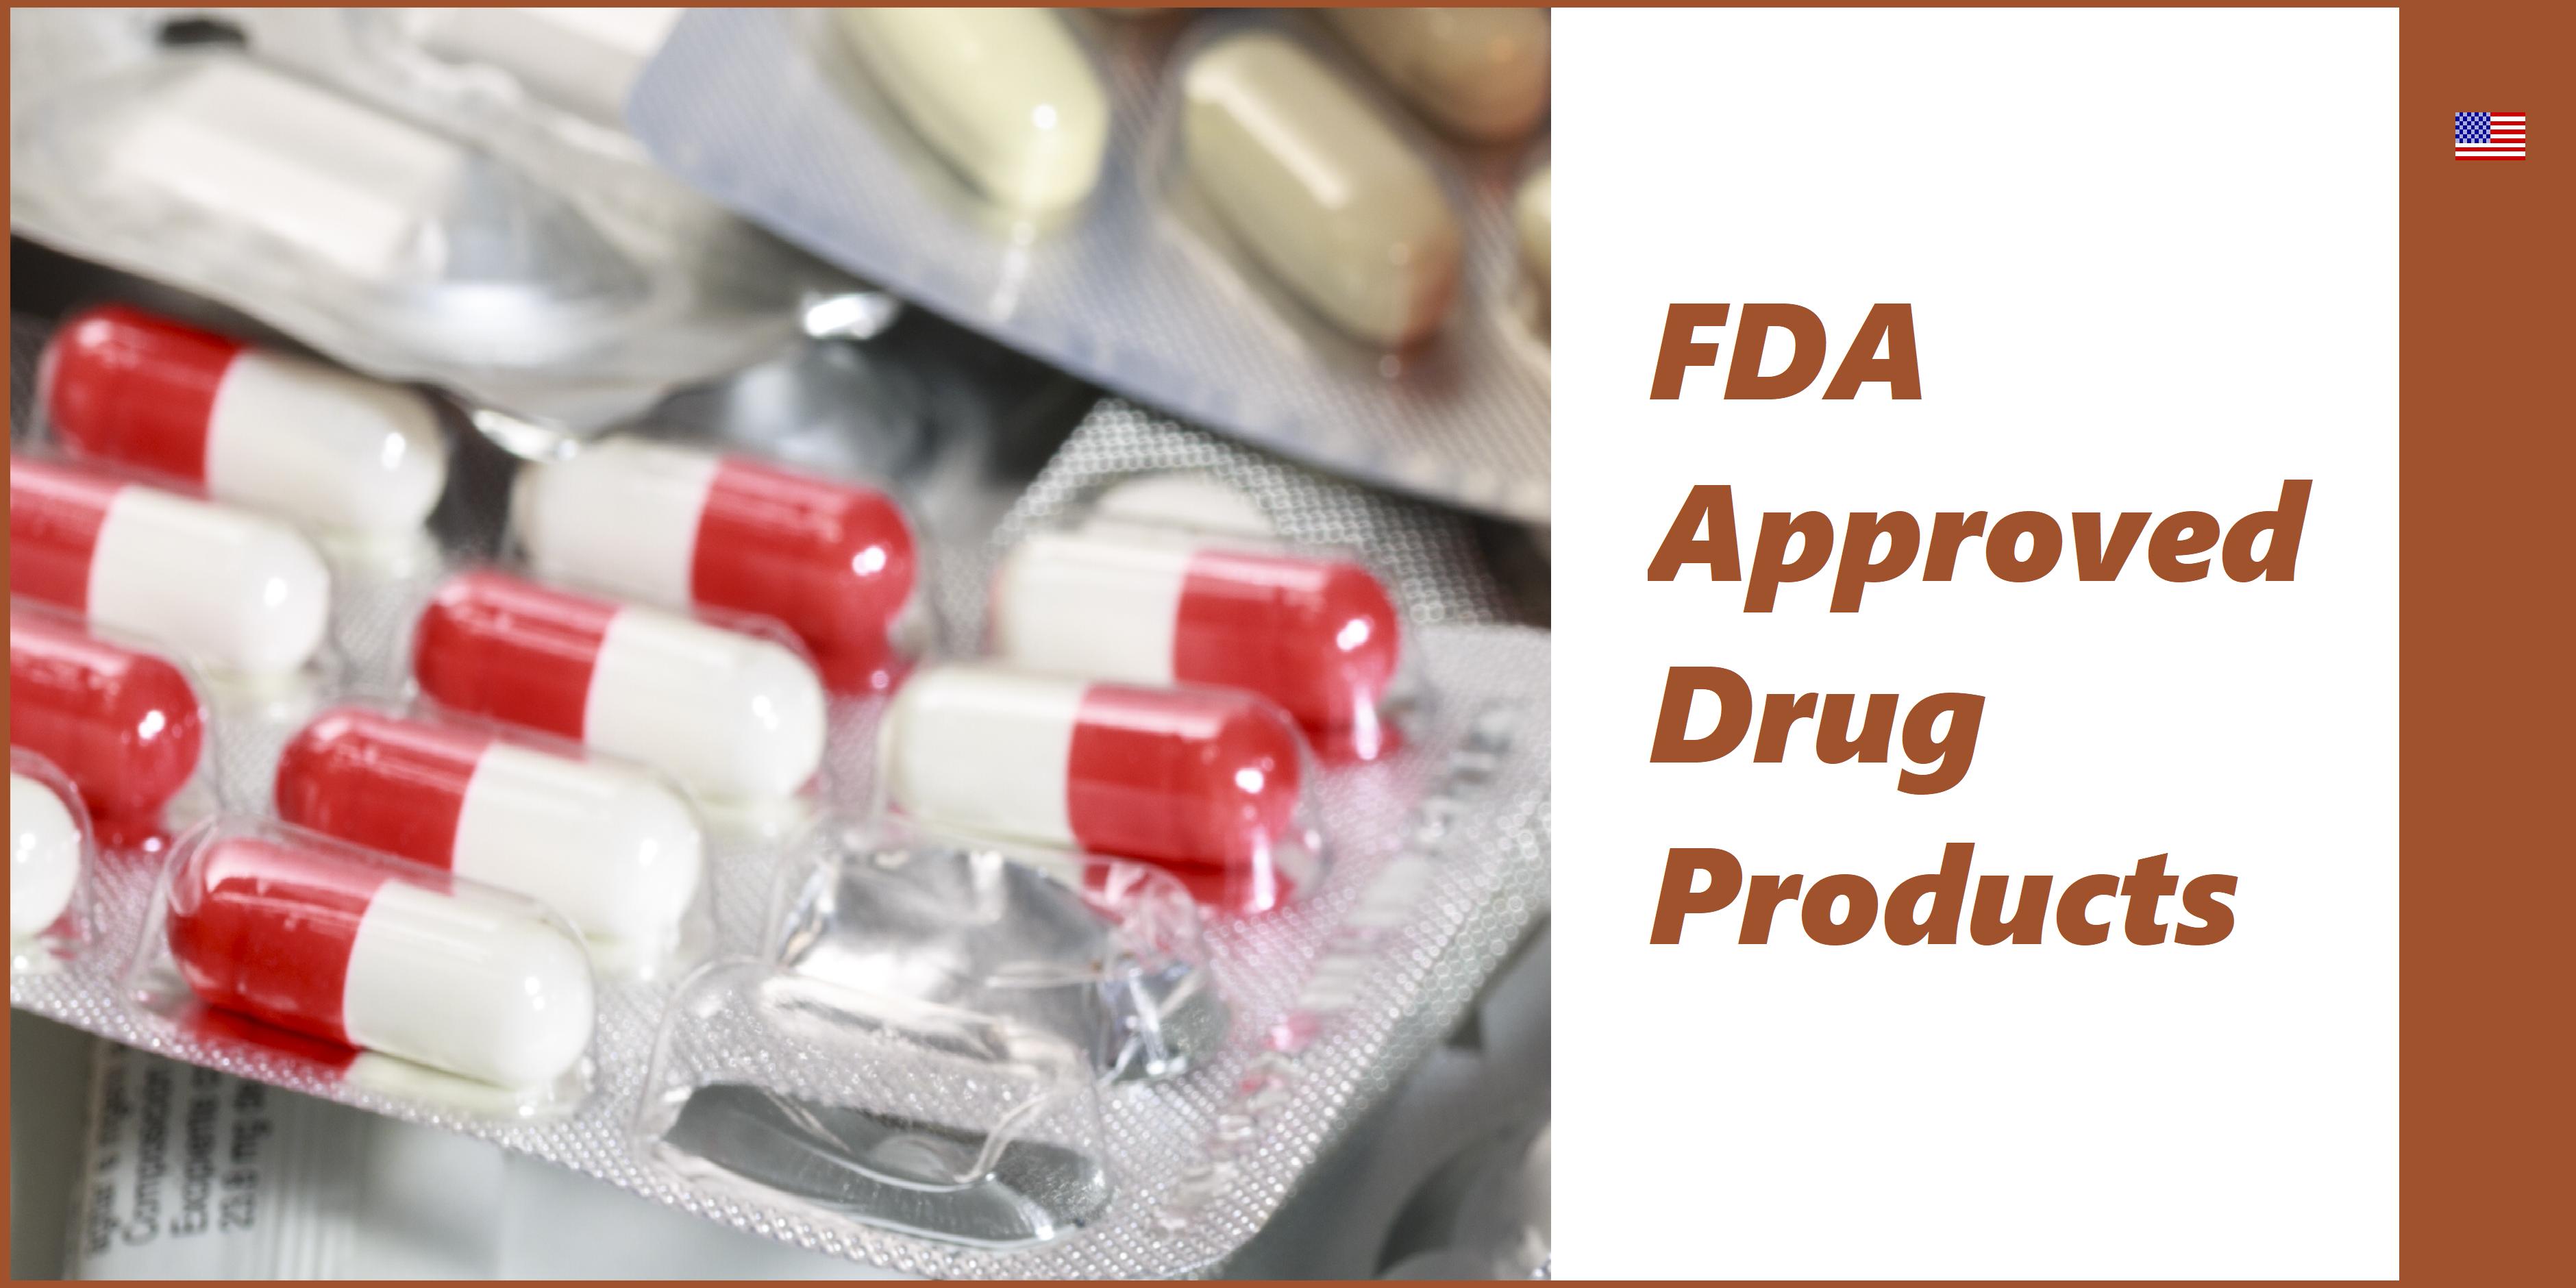 Rejestr produktów leczniczych FDA